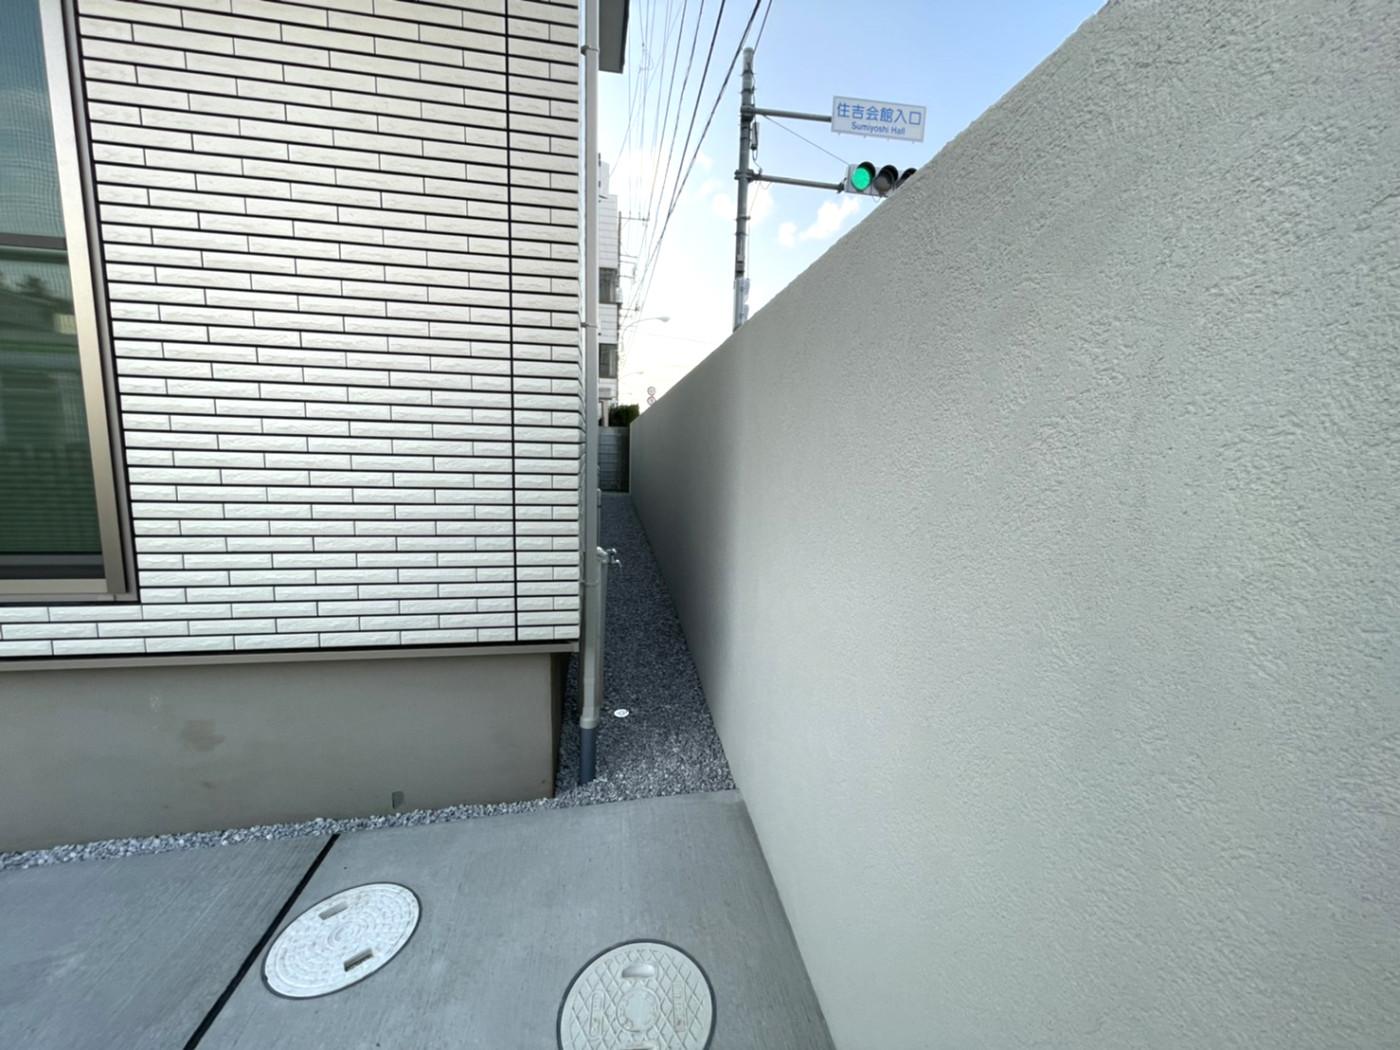 神奈川県 LiBerta グランドアートウォール施工イメージ2591_04